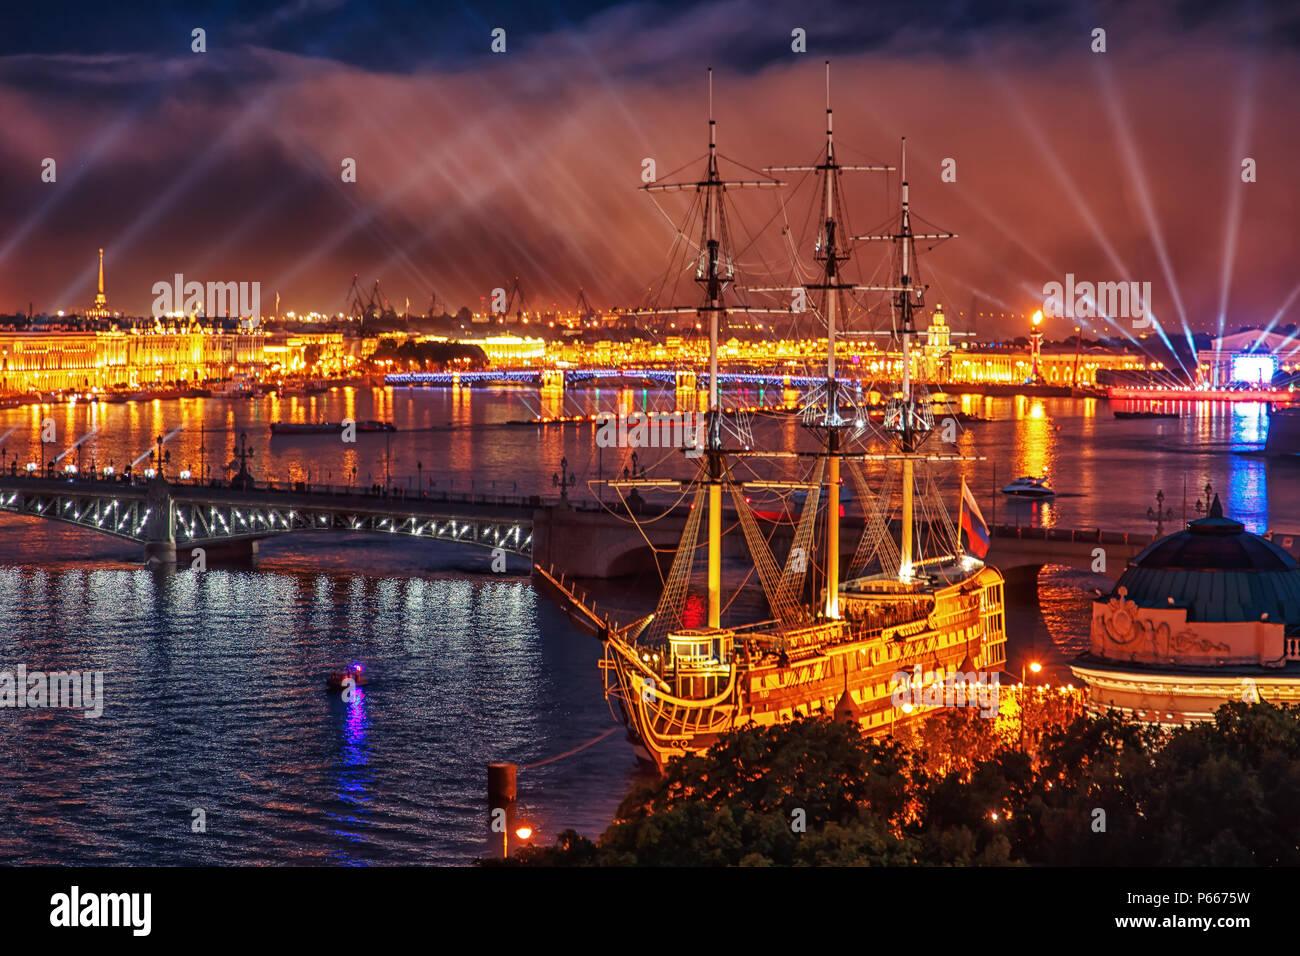 Velas escarlata fiesta en San Petersburgo. Vacaciones tradicionales de egresados. Imagen De Stock